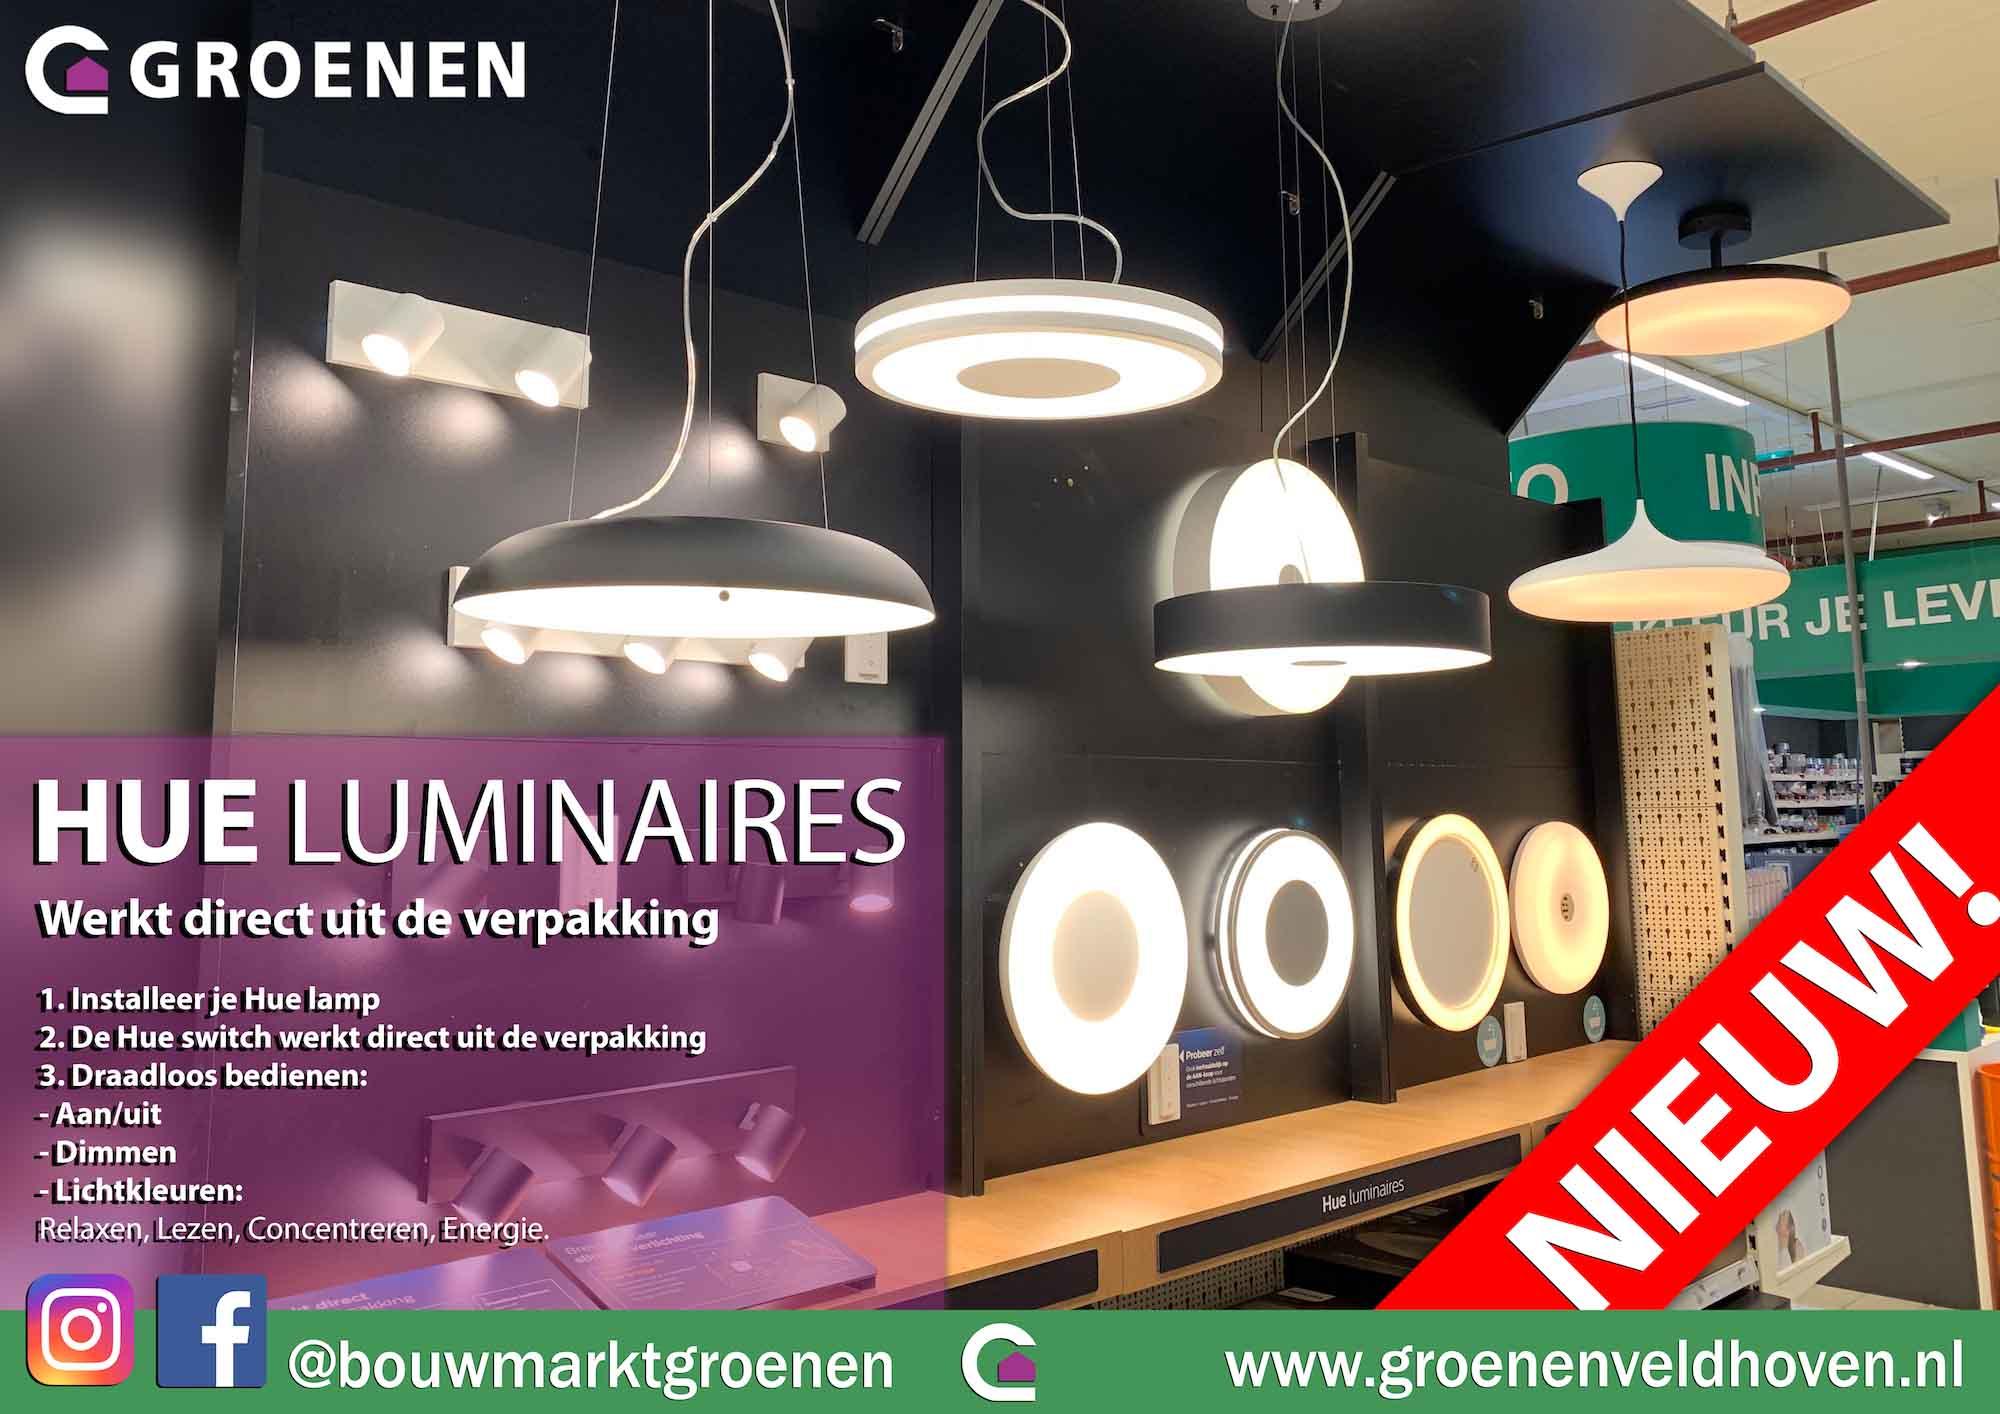 gereedschap, accessoires, bouwmaterialen, badkamers, woondecoratie, opbergsystemen, ijzerwaren, groenen veldhoven, bouwmarkt groenen